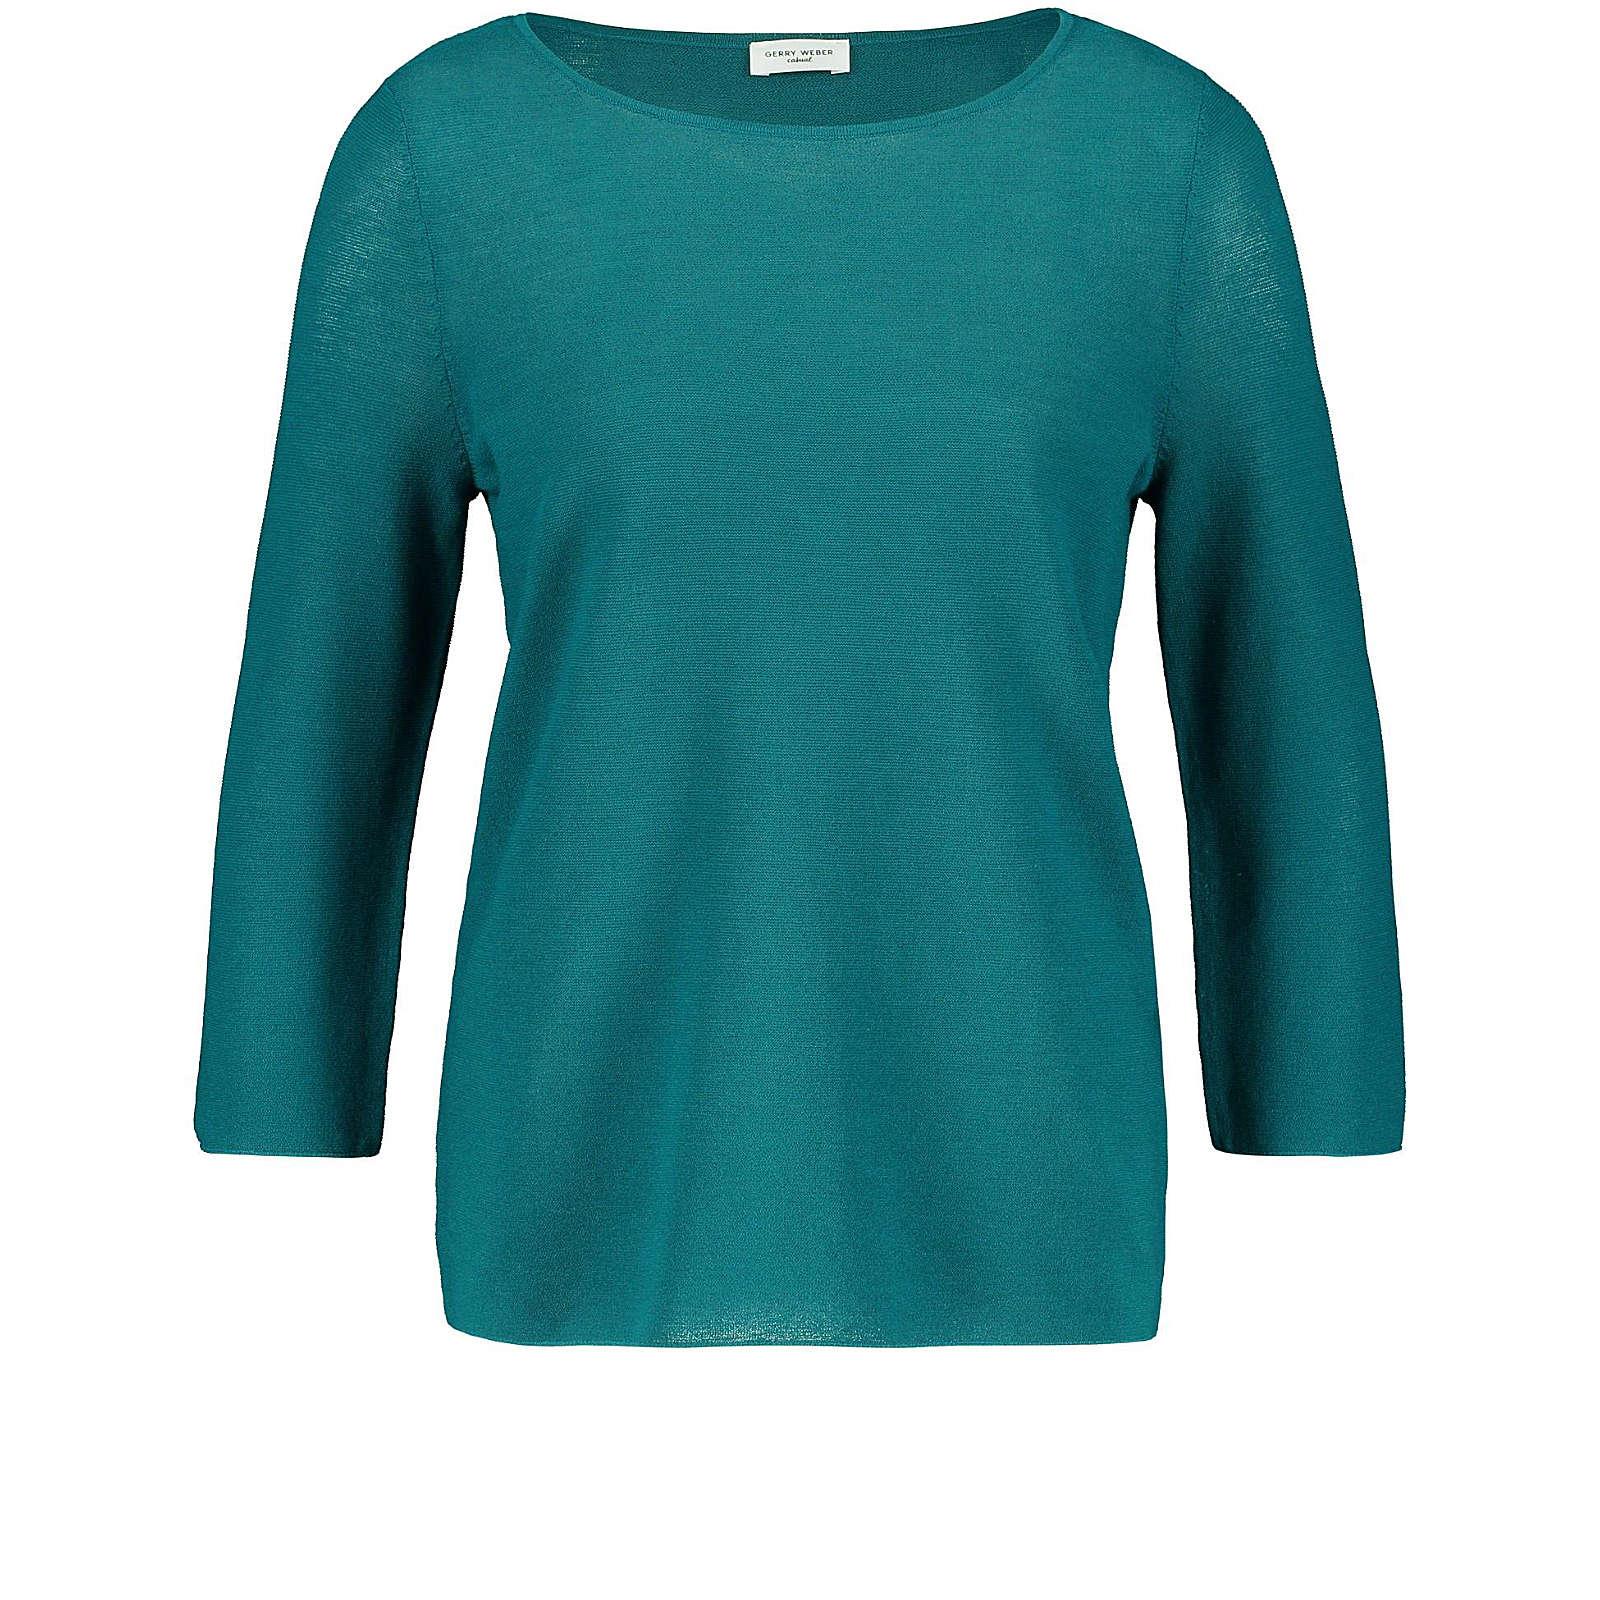 Gerry Weber Pullover 3/4 Arm Rundhals 3/4 Arm Pullover mehrfarbig Damen Gr. 46